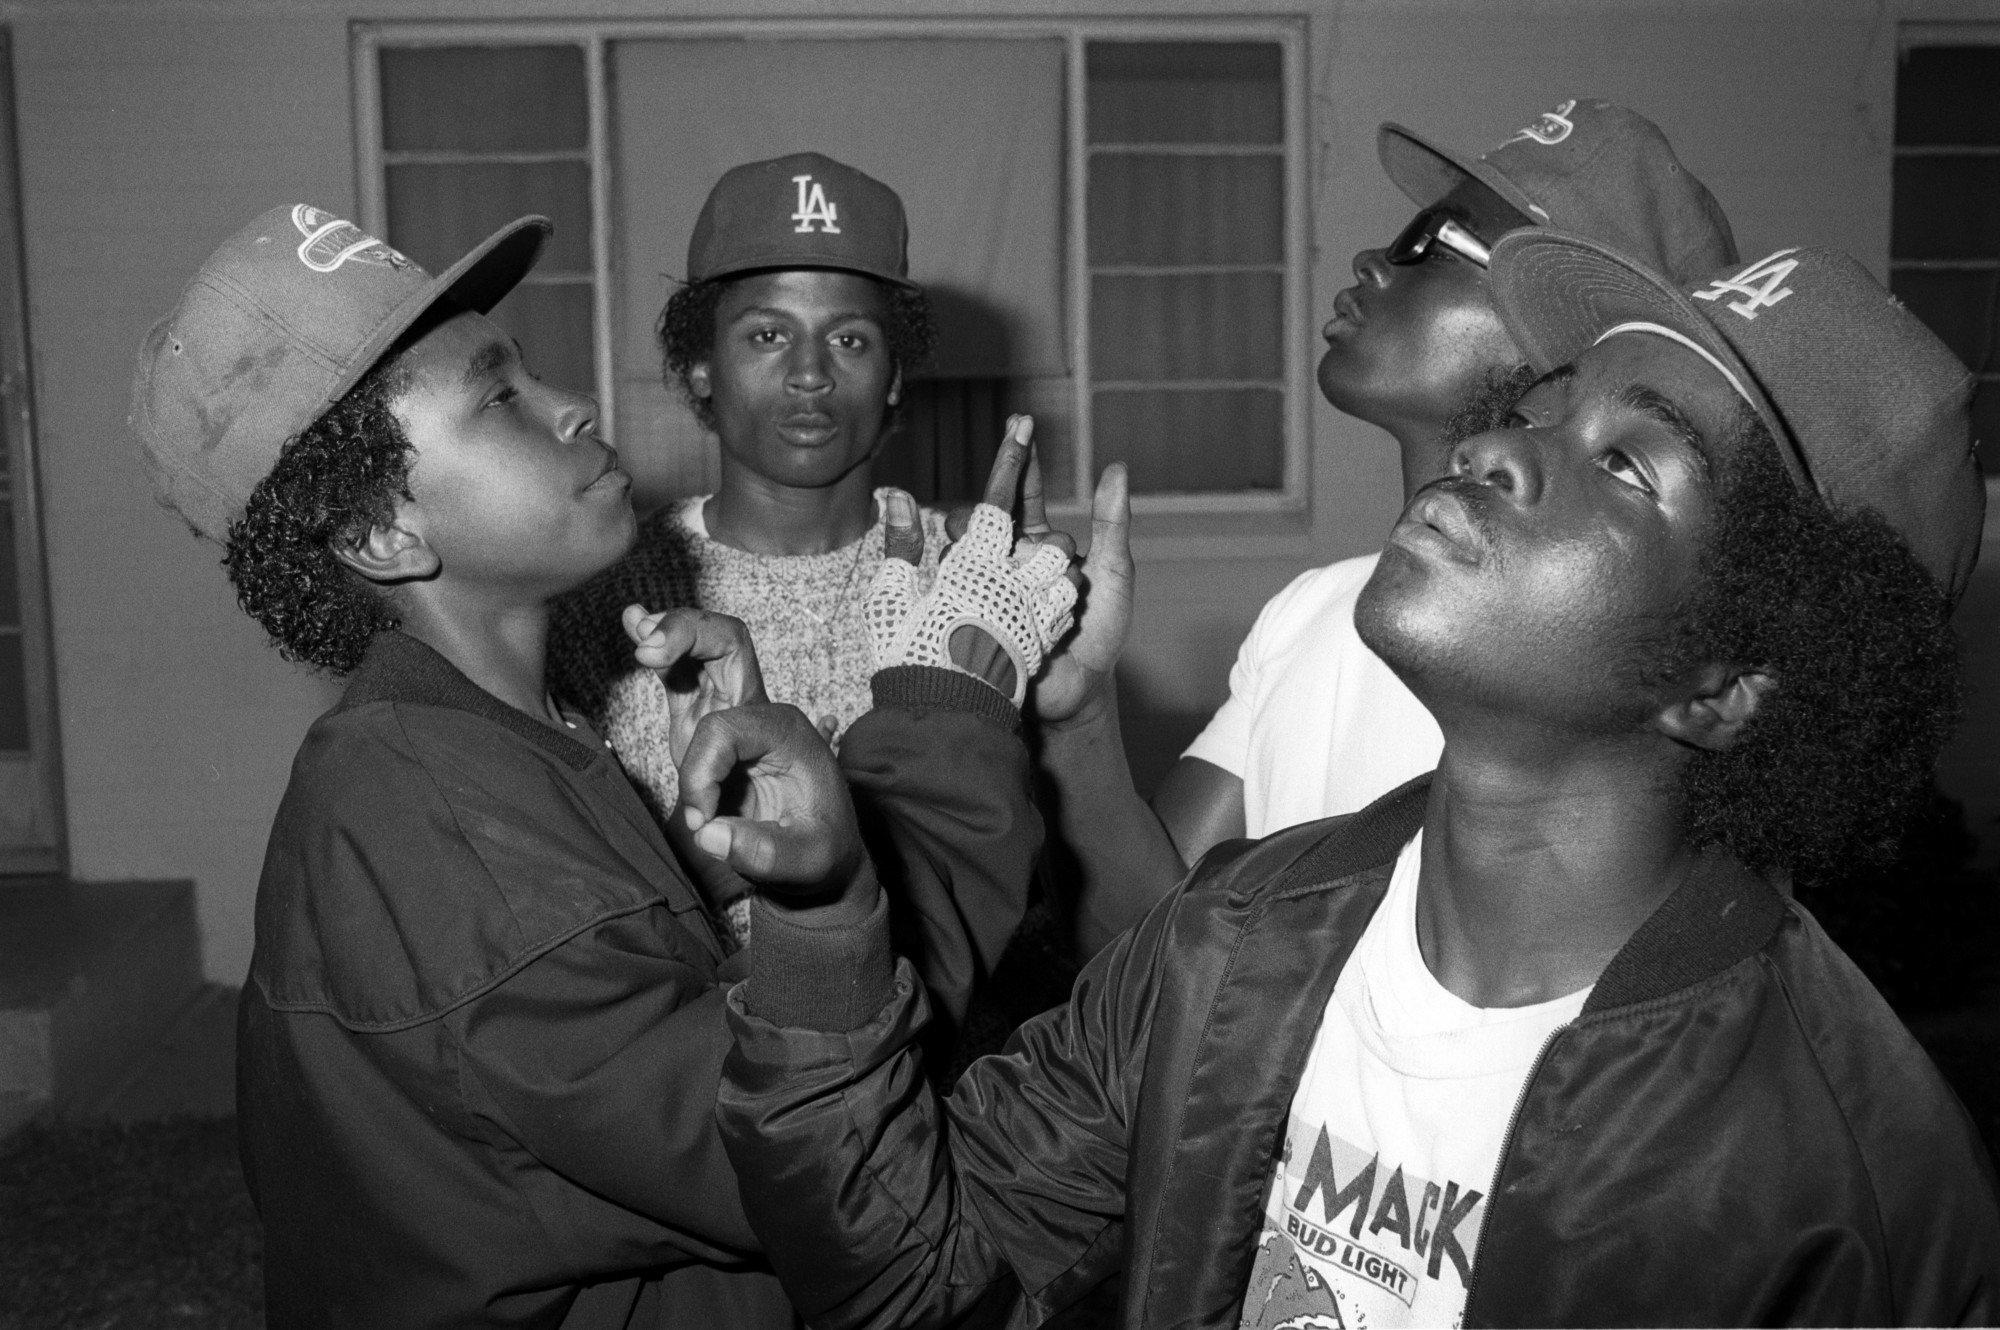 банды лос-анджелеса 80-е 90-е